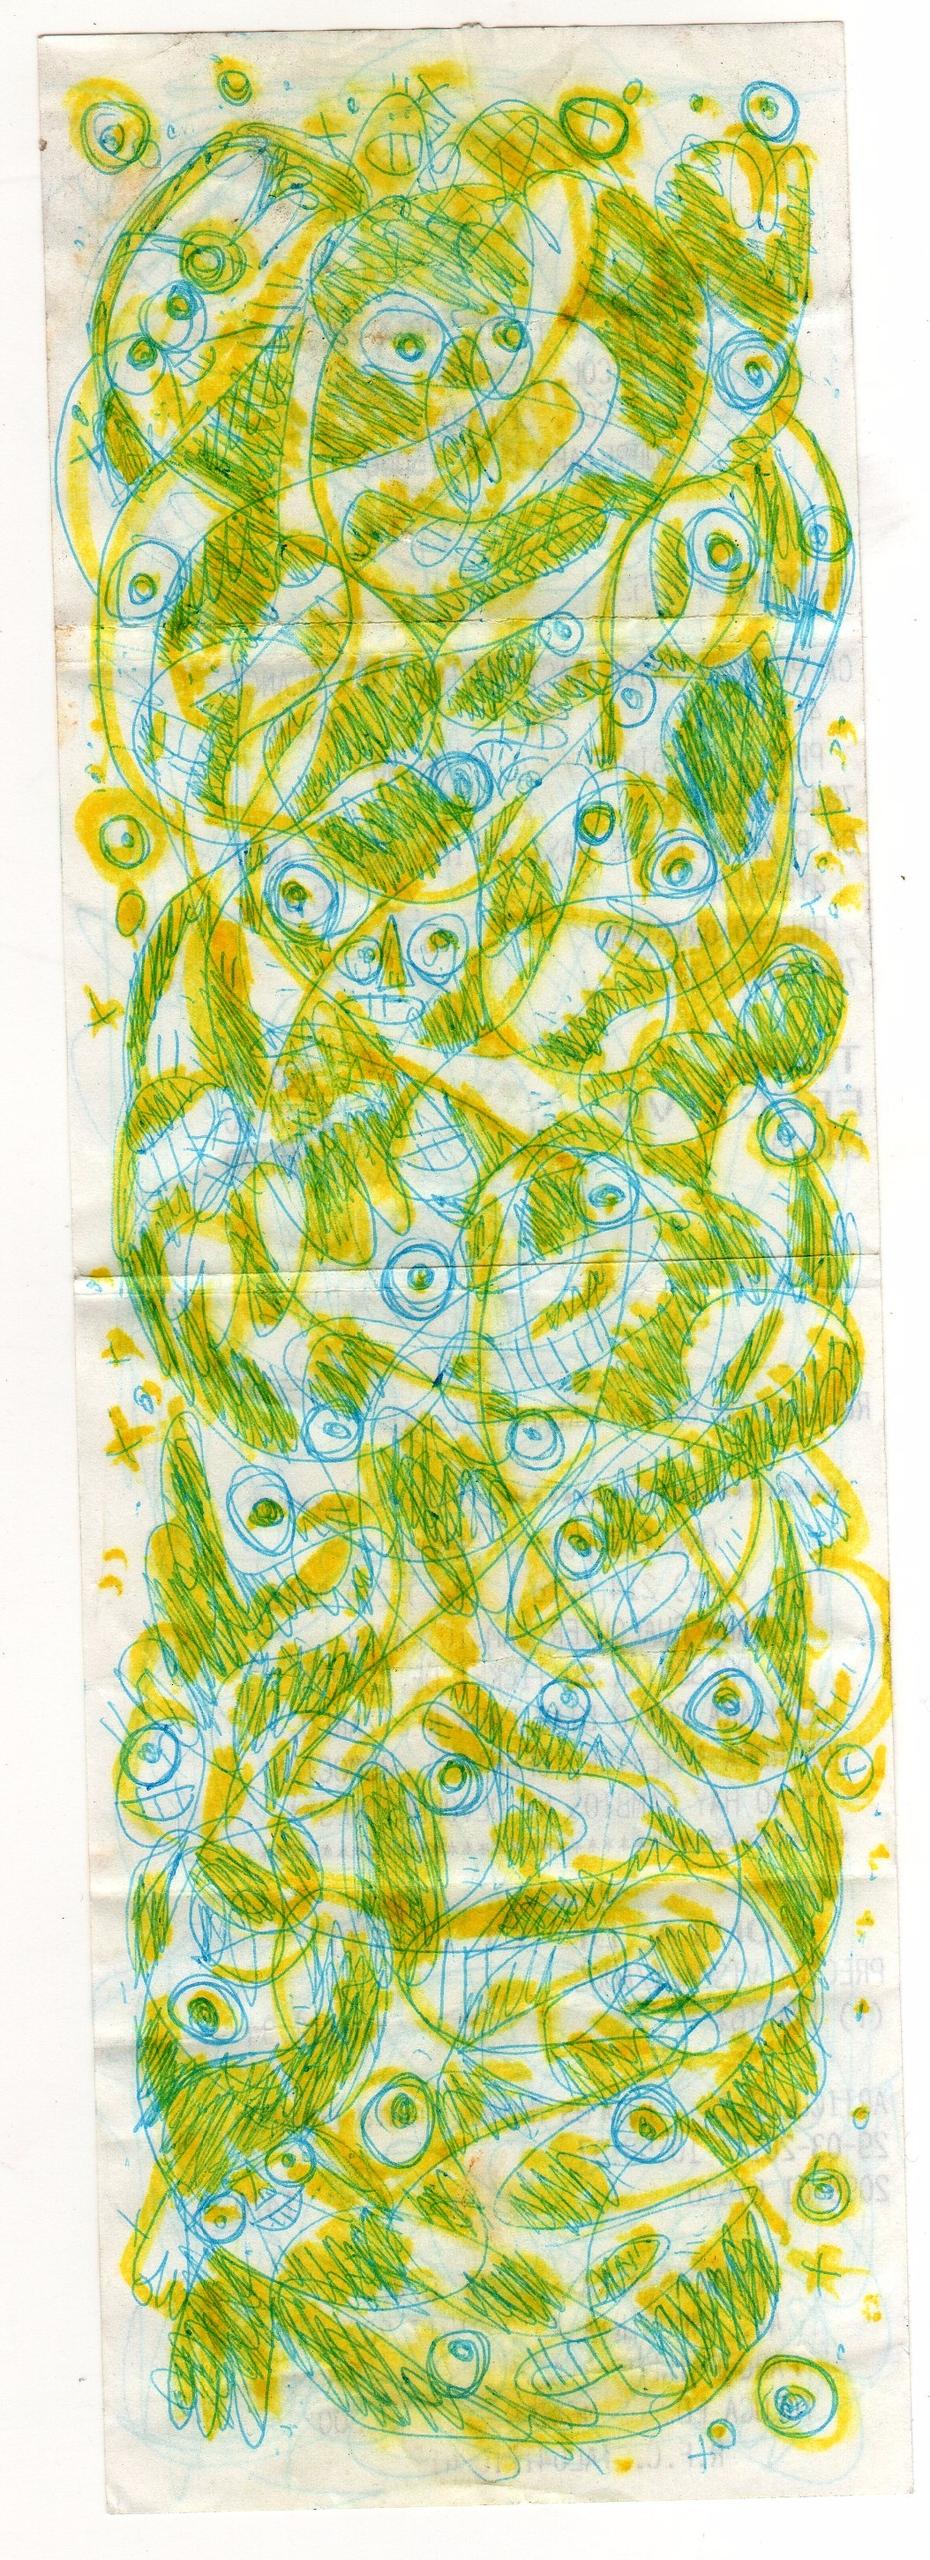 Tickets great place doodle - ticket - gueroguero | ello